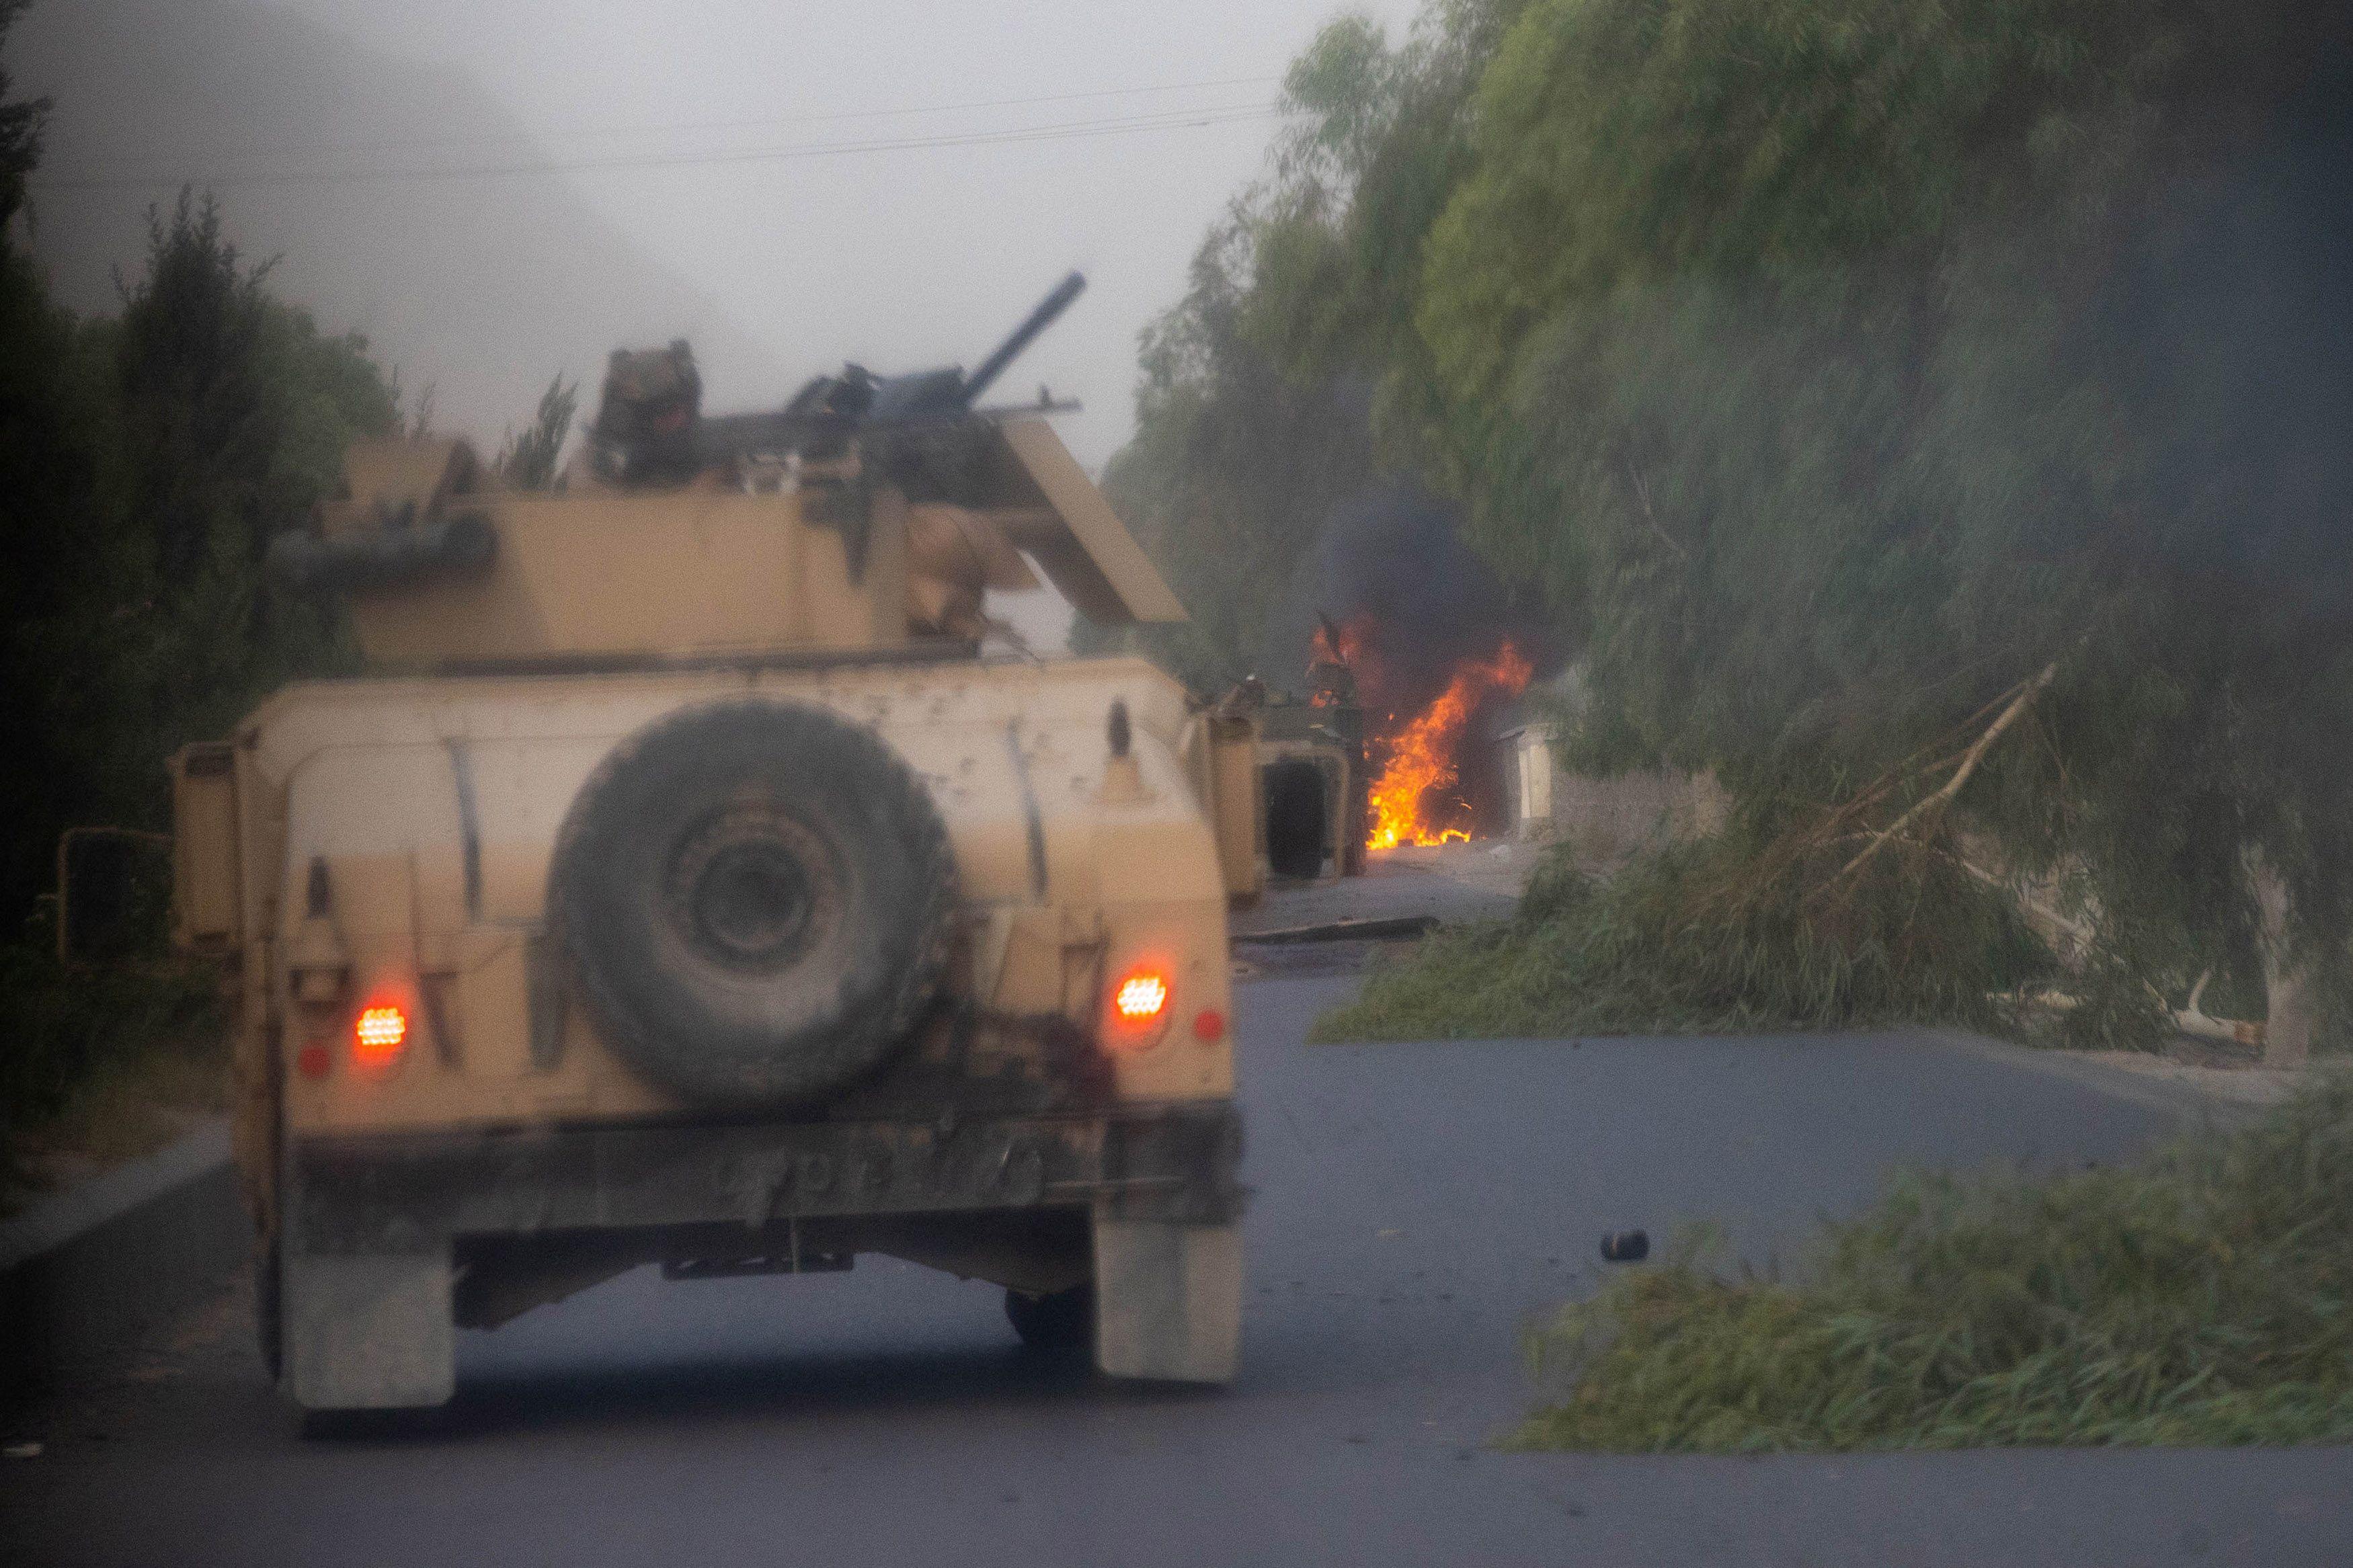 Humvees que pertenecen a las fuerzas especiales afganas se ven destruidos durante los fuertes enfrentamientos con los talibanes durante la misión de rescate de un oficial de policía asediado en un puesto de control, en la provincia de Kandahar, Afganistán, 13 de julio de 2021.